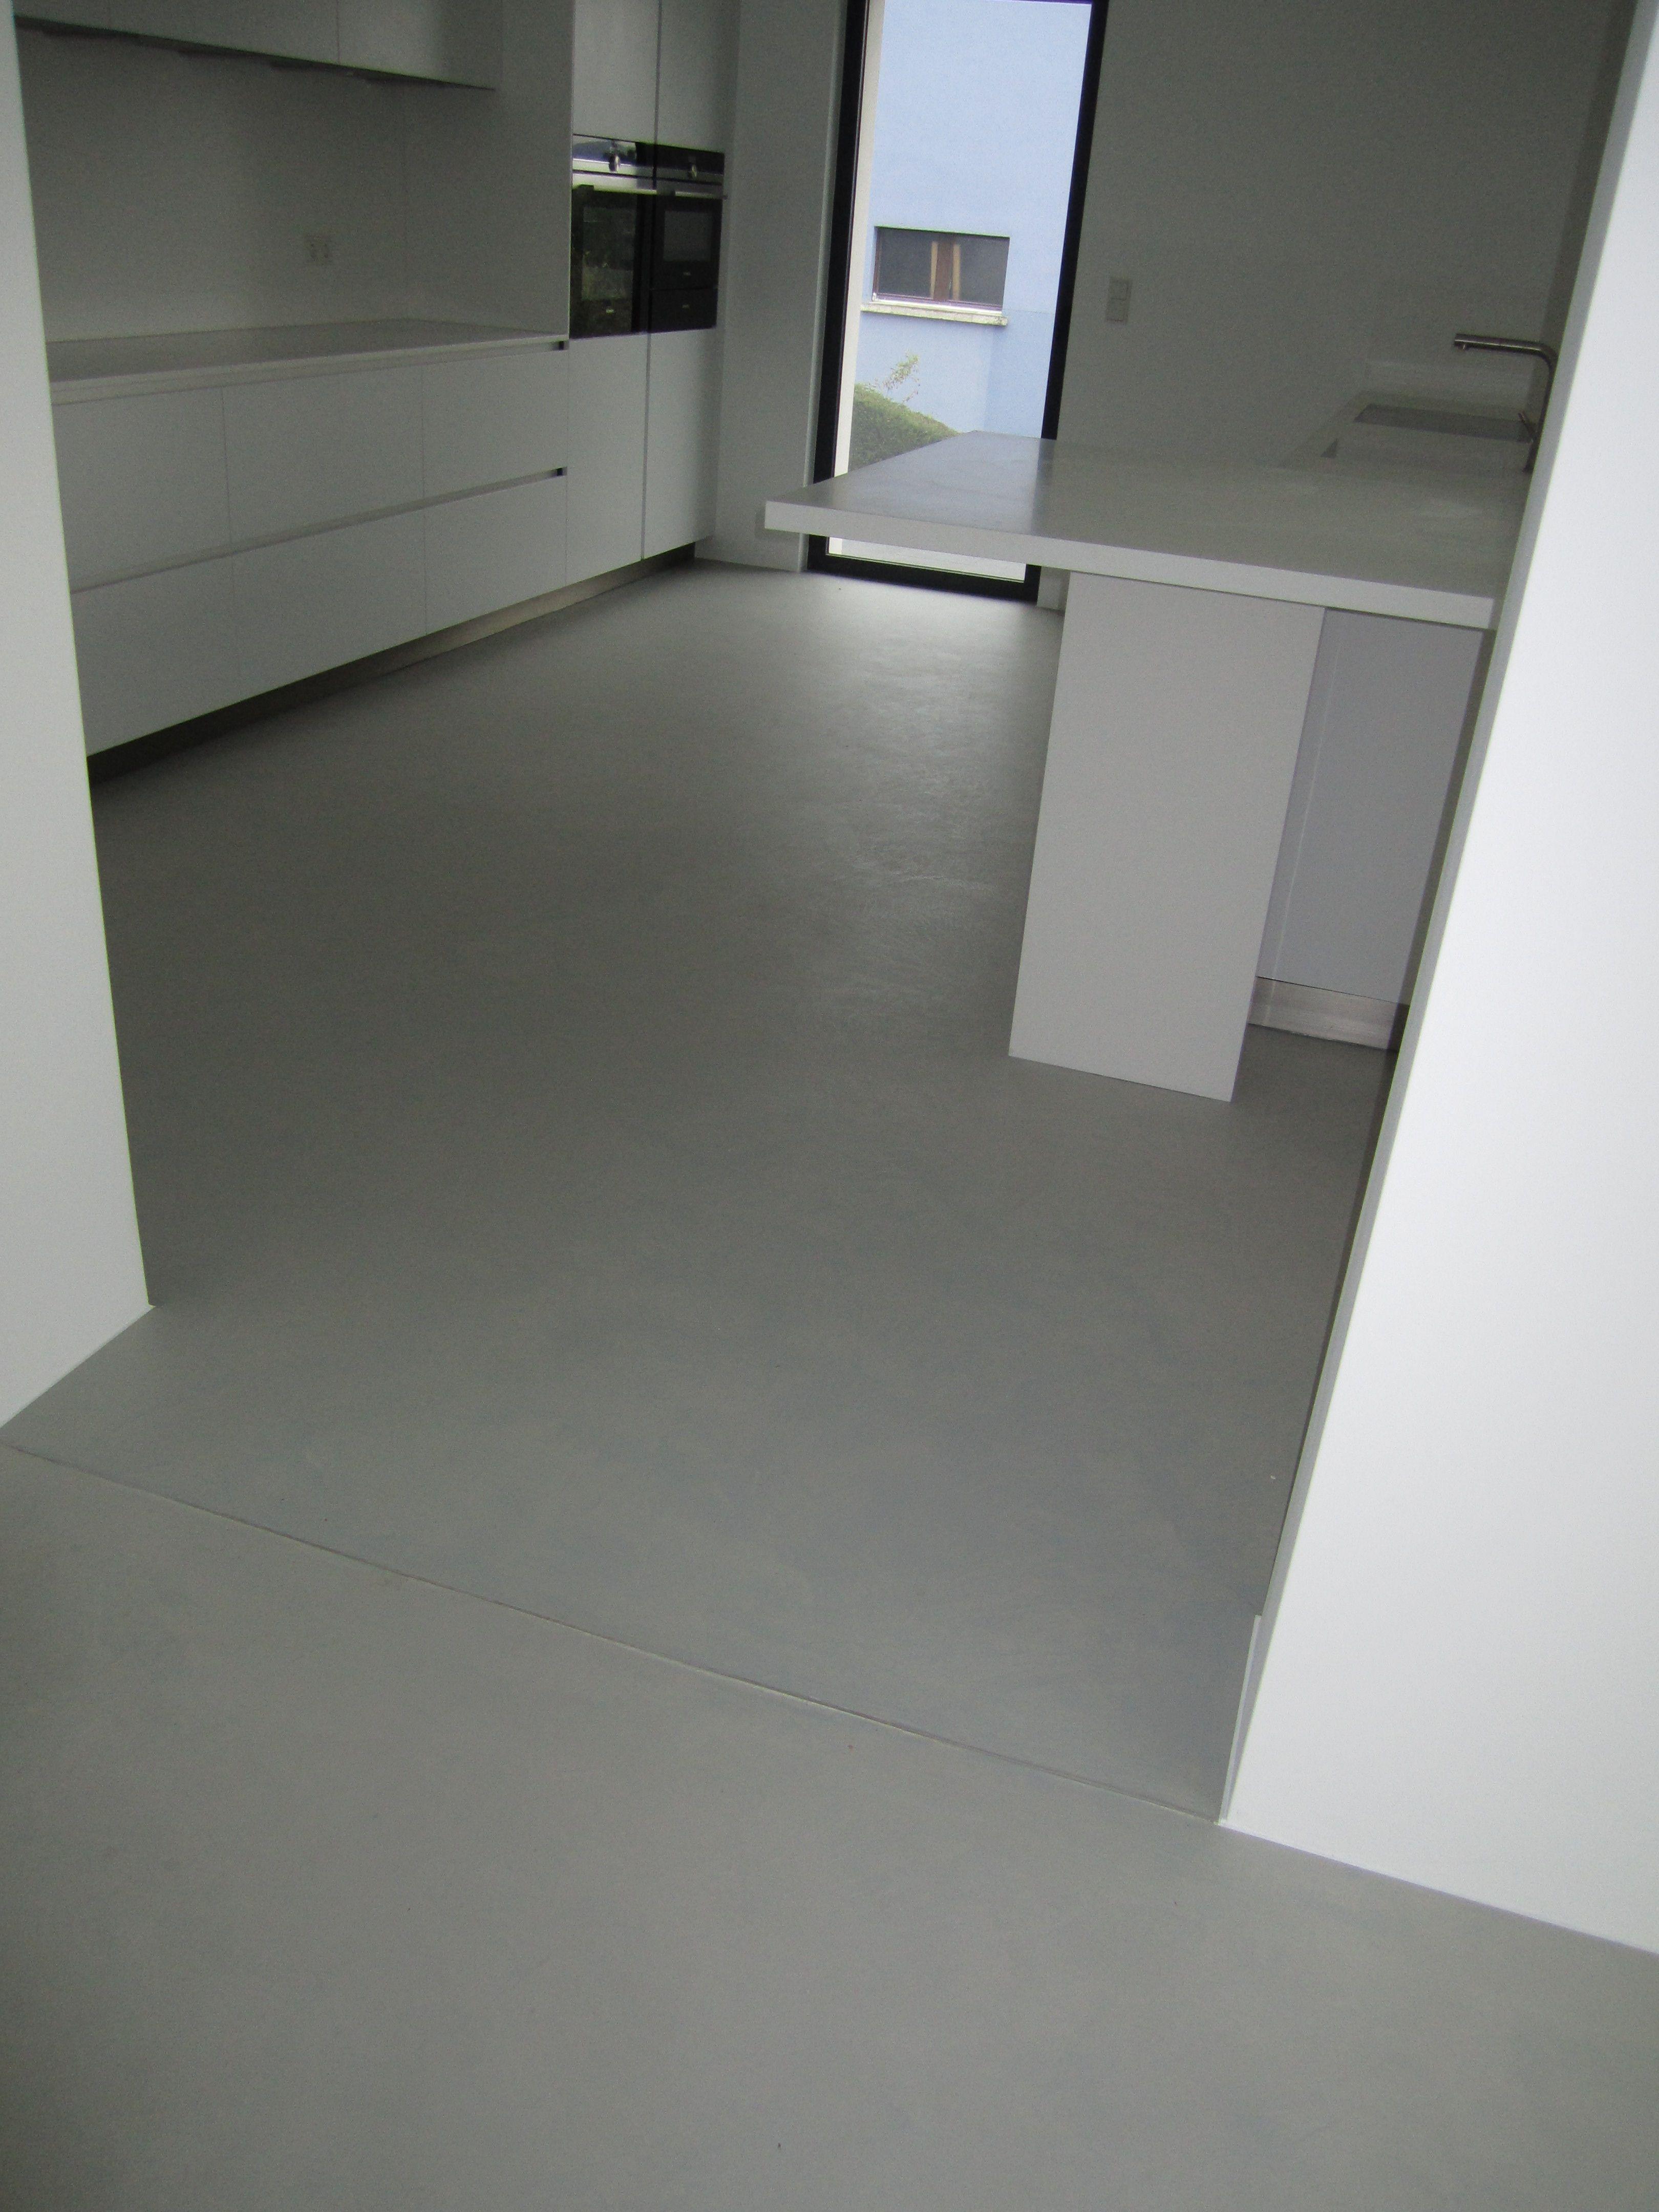 Caramor Marmorputz Fugenlos Haus Boden Innenarchitektur Wohnzimmer Produktdesign